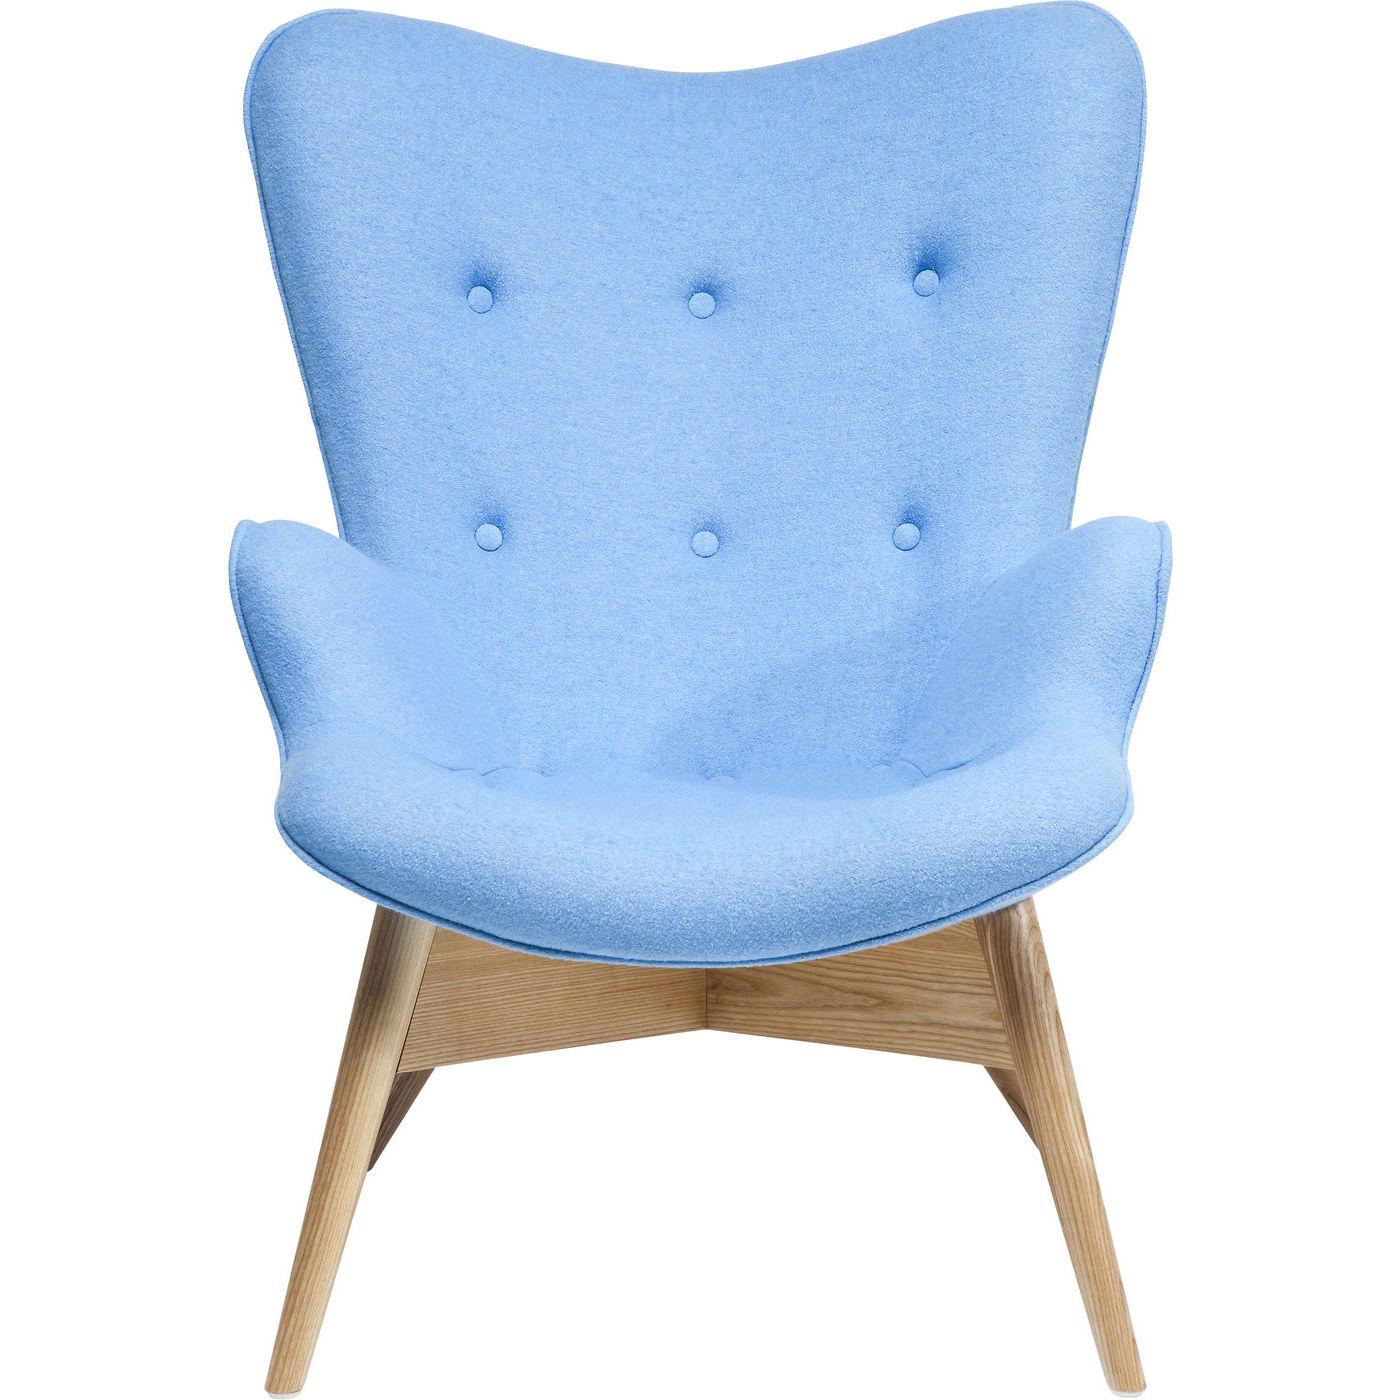 Billede af Kare Design Hvilestol m. Armlæn, Angels s Blue Eco